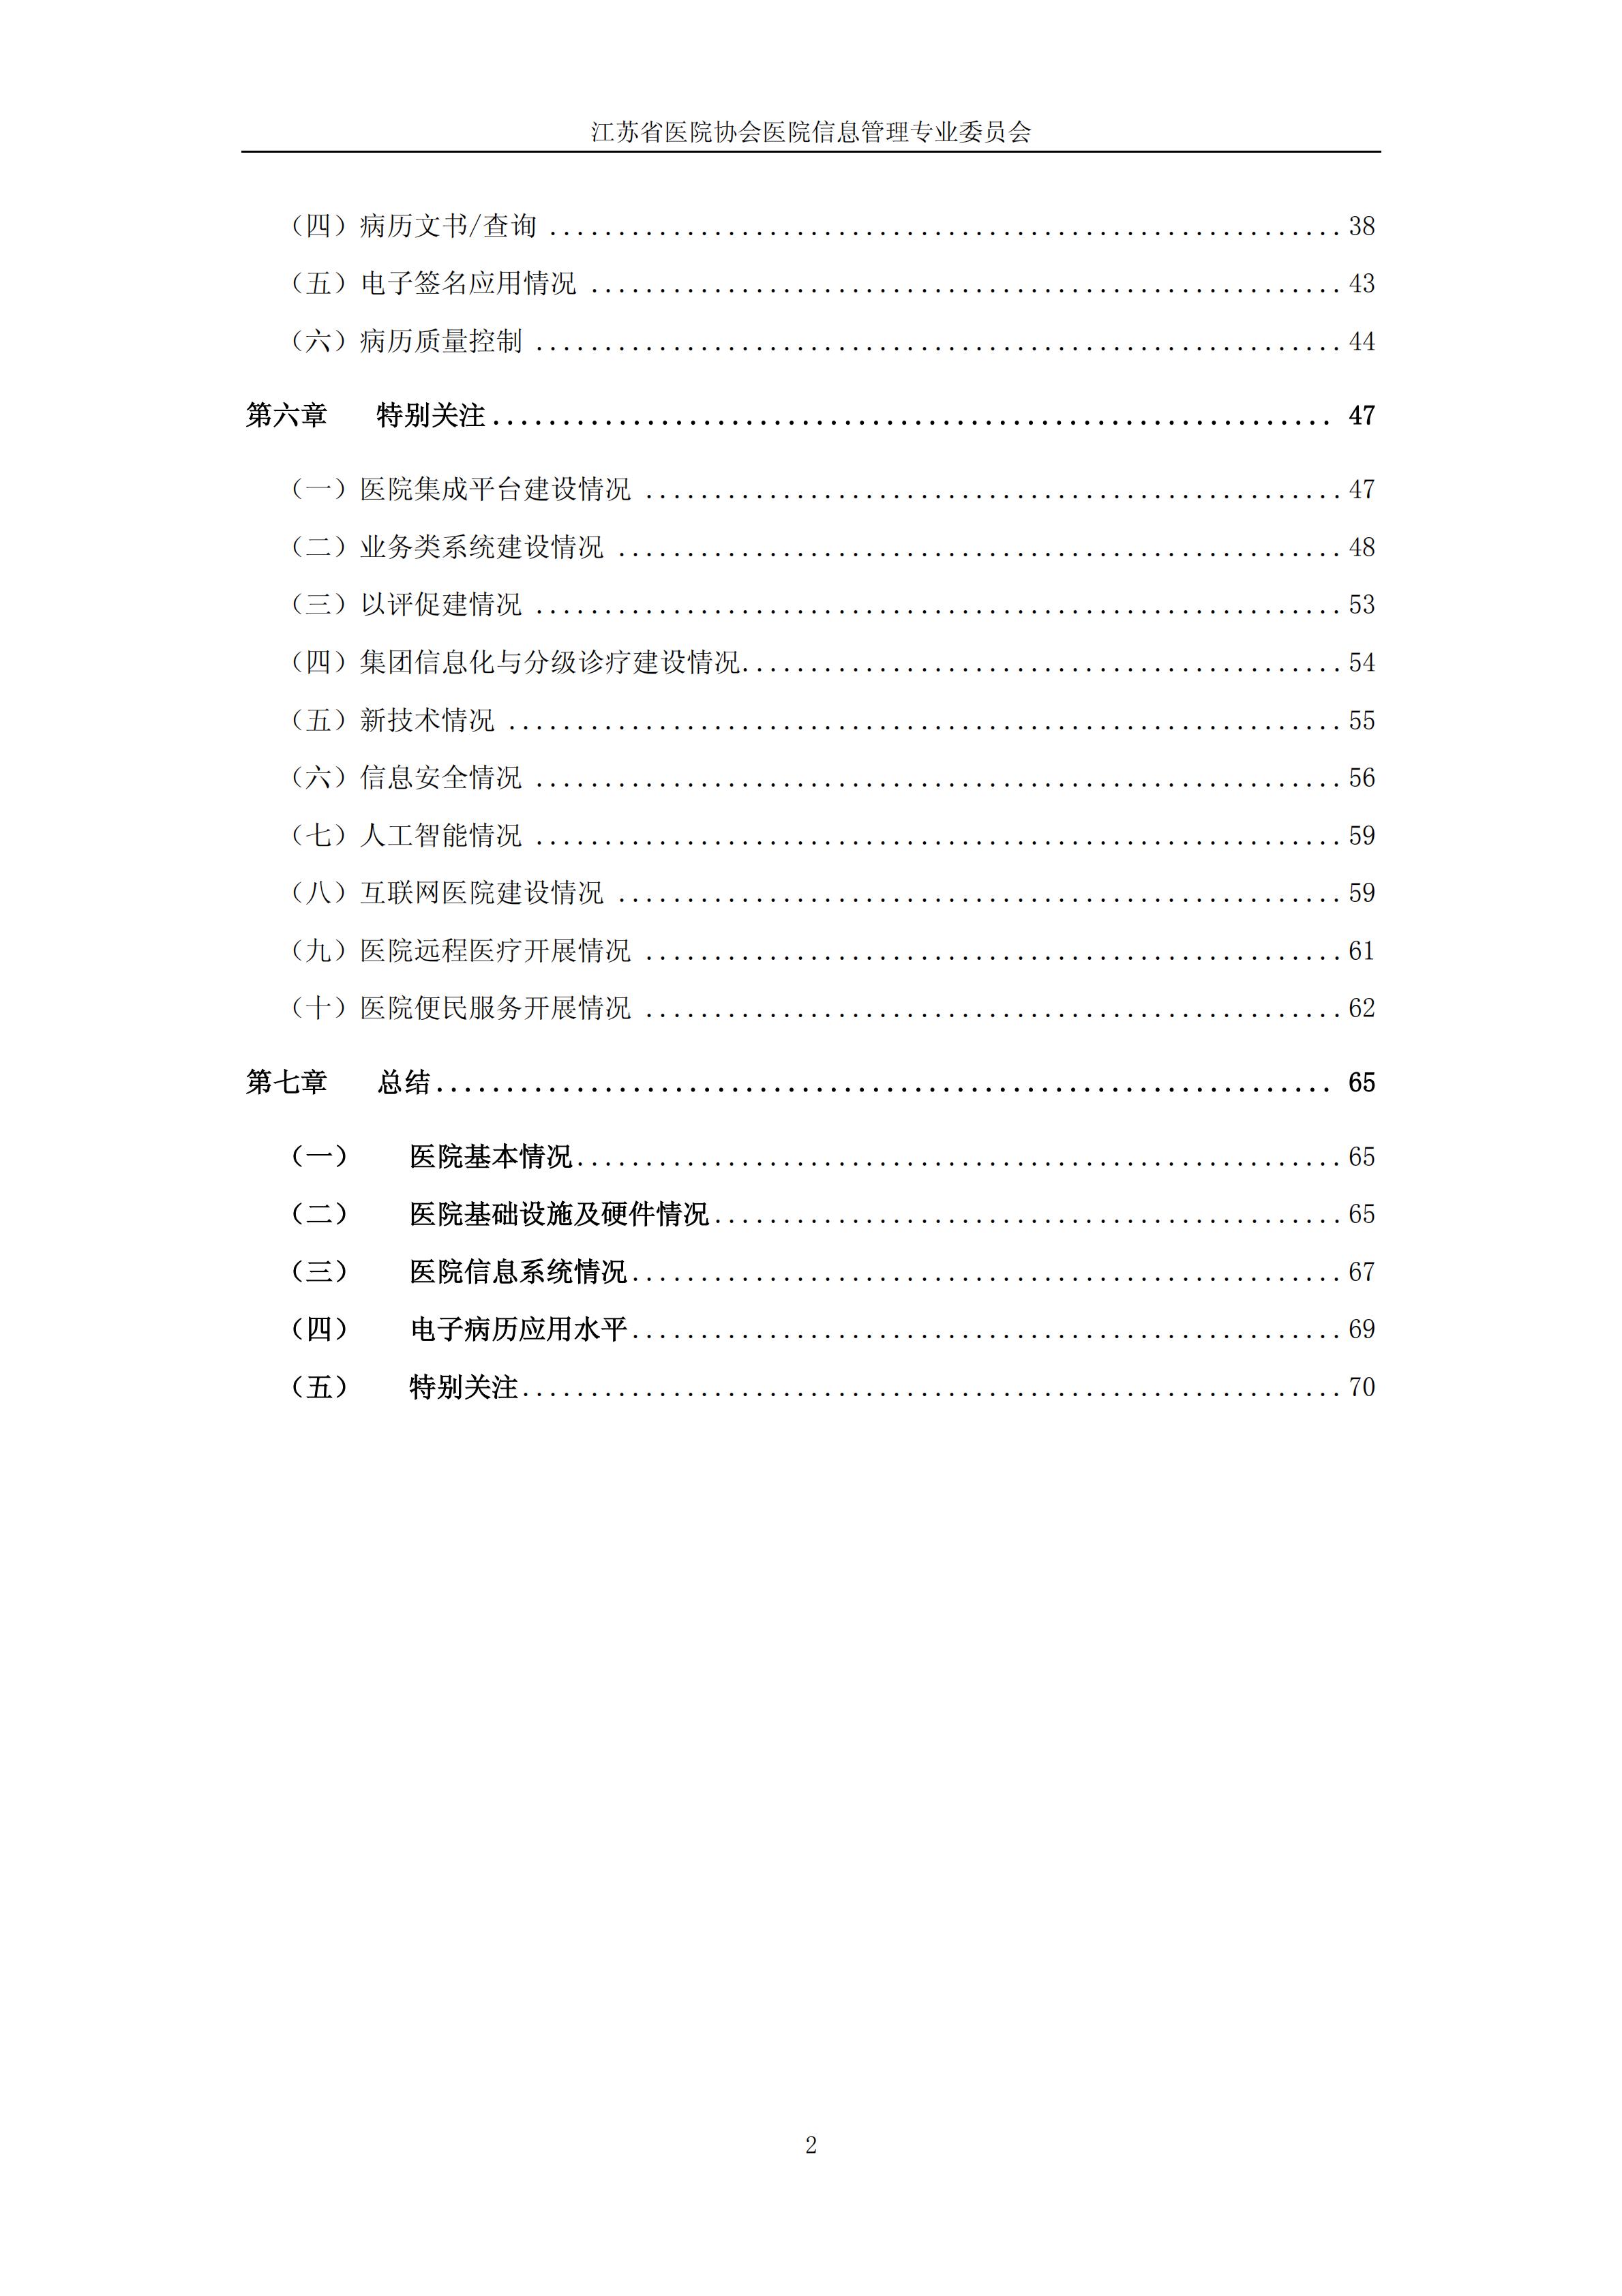 2019年江苏省医院信息化调研报告_02.png